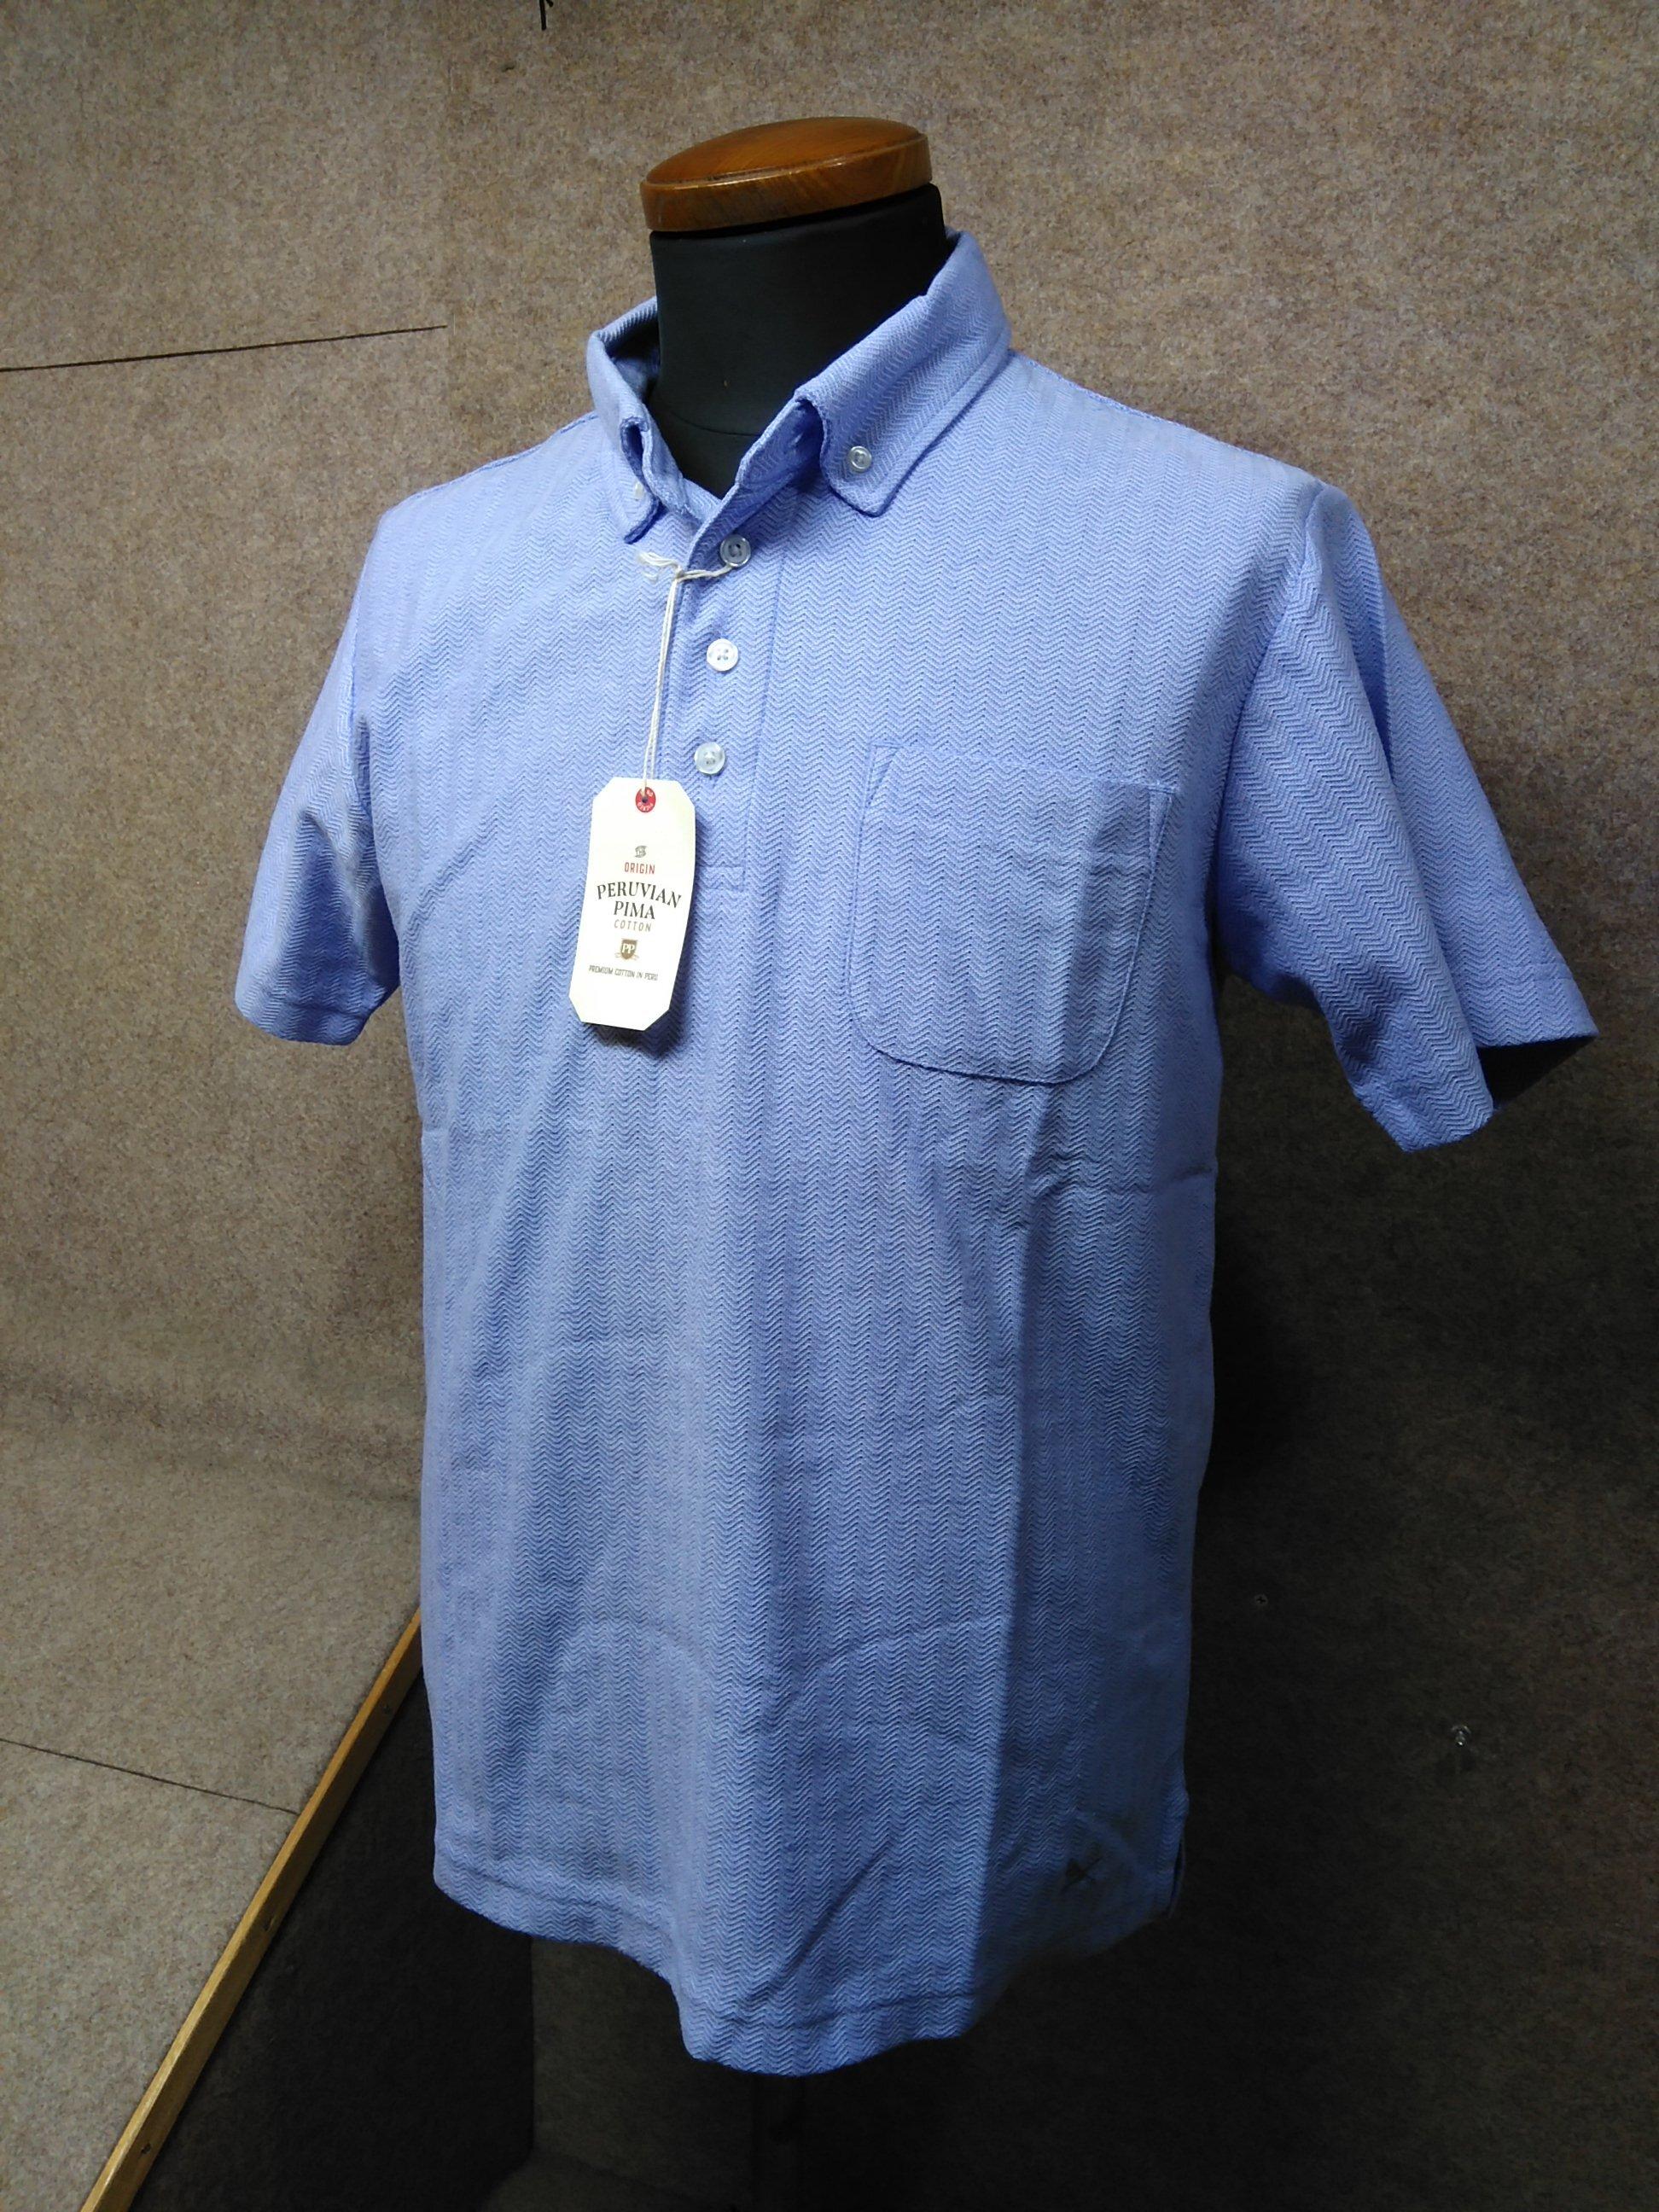 エディーバウアー メンズポロシャツ S ブルー系 ボタンダウン my991c